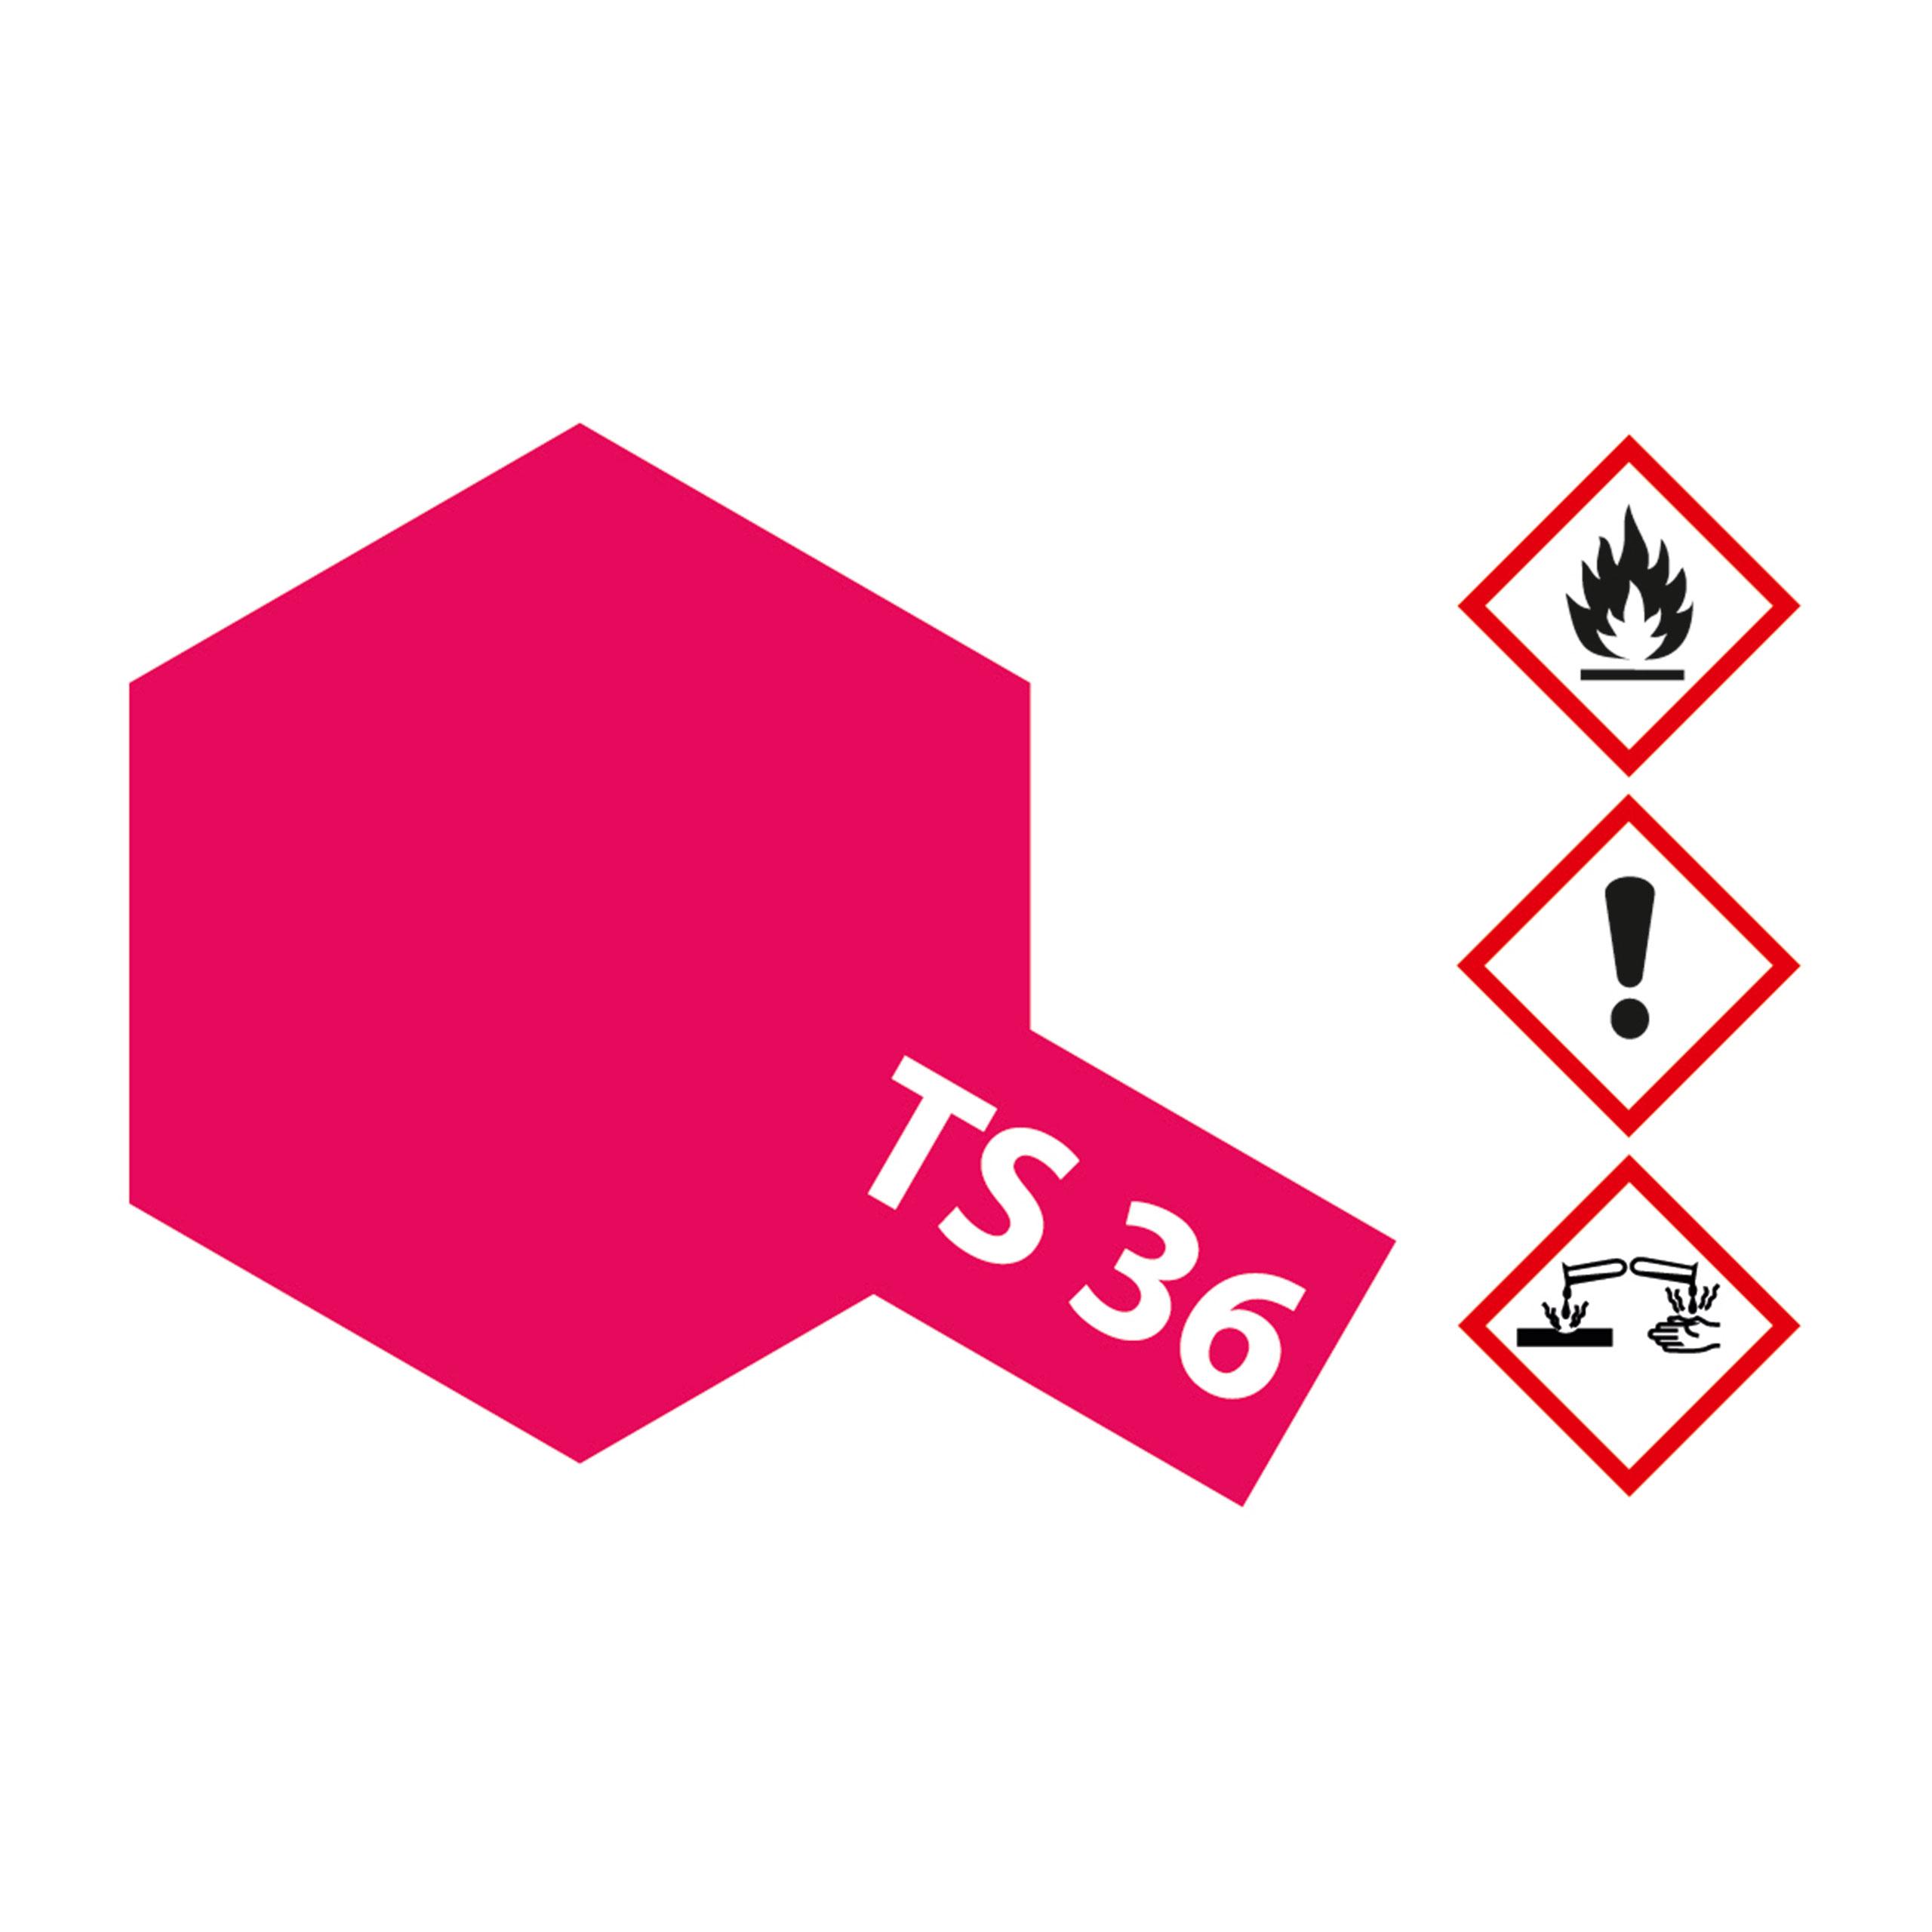 TS-36 Neon-Rot glaenzend - 100ml Sprayfarbe Kunstharz Tamiya 300085036